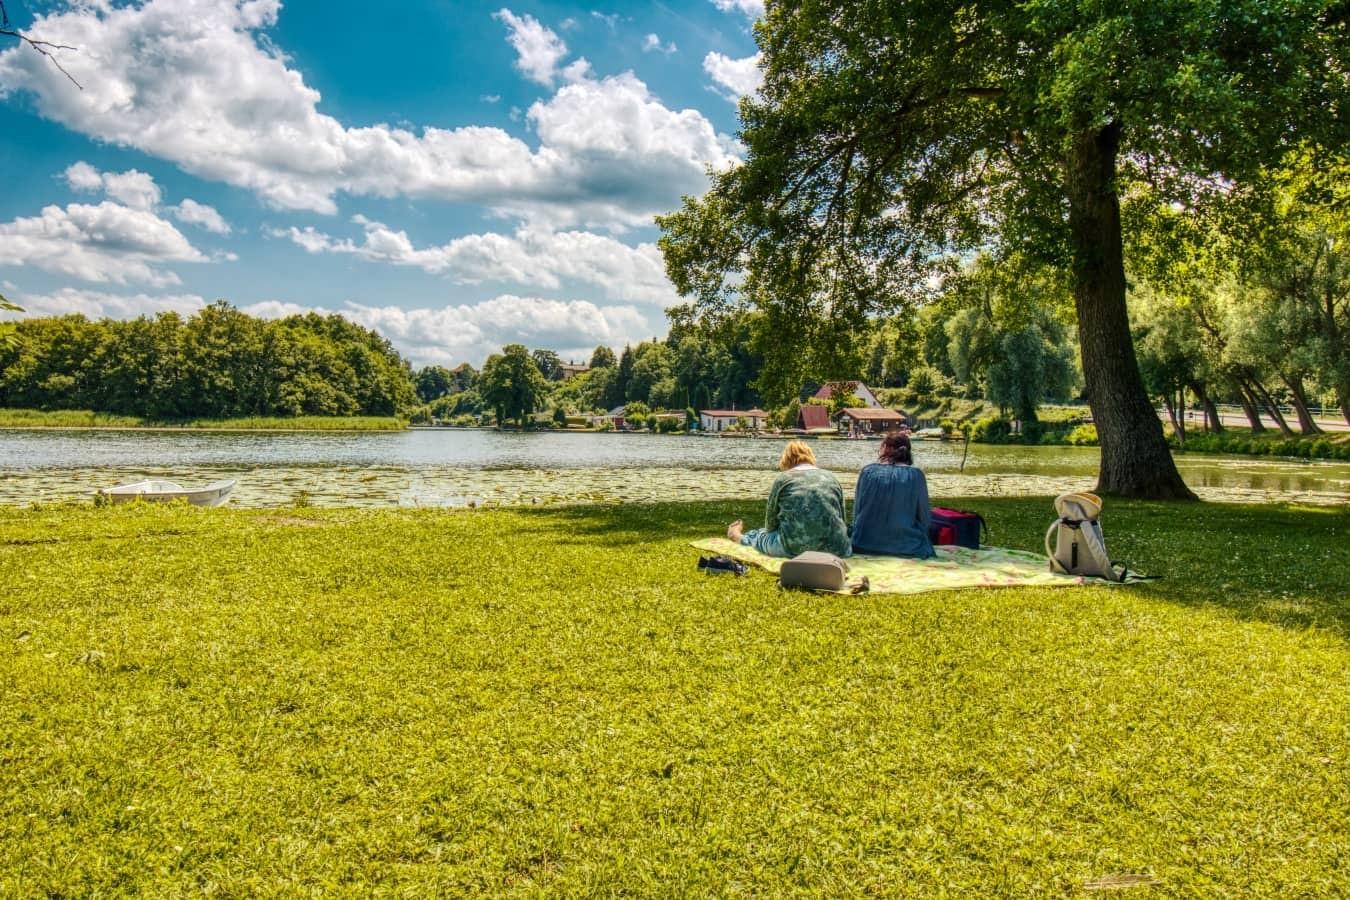 entspannen-am-see-lychen-brandenburg